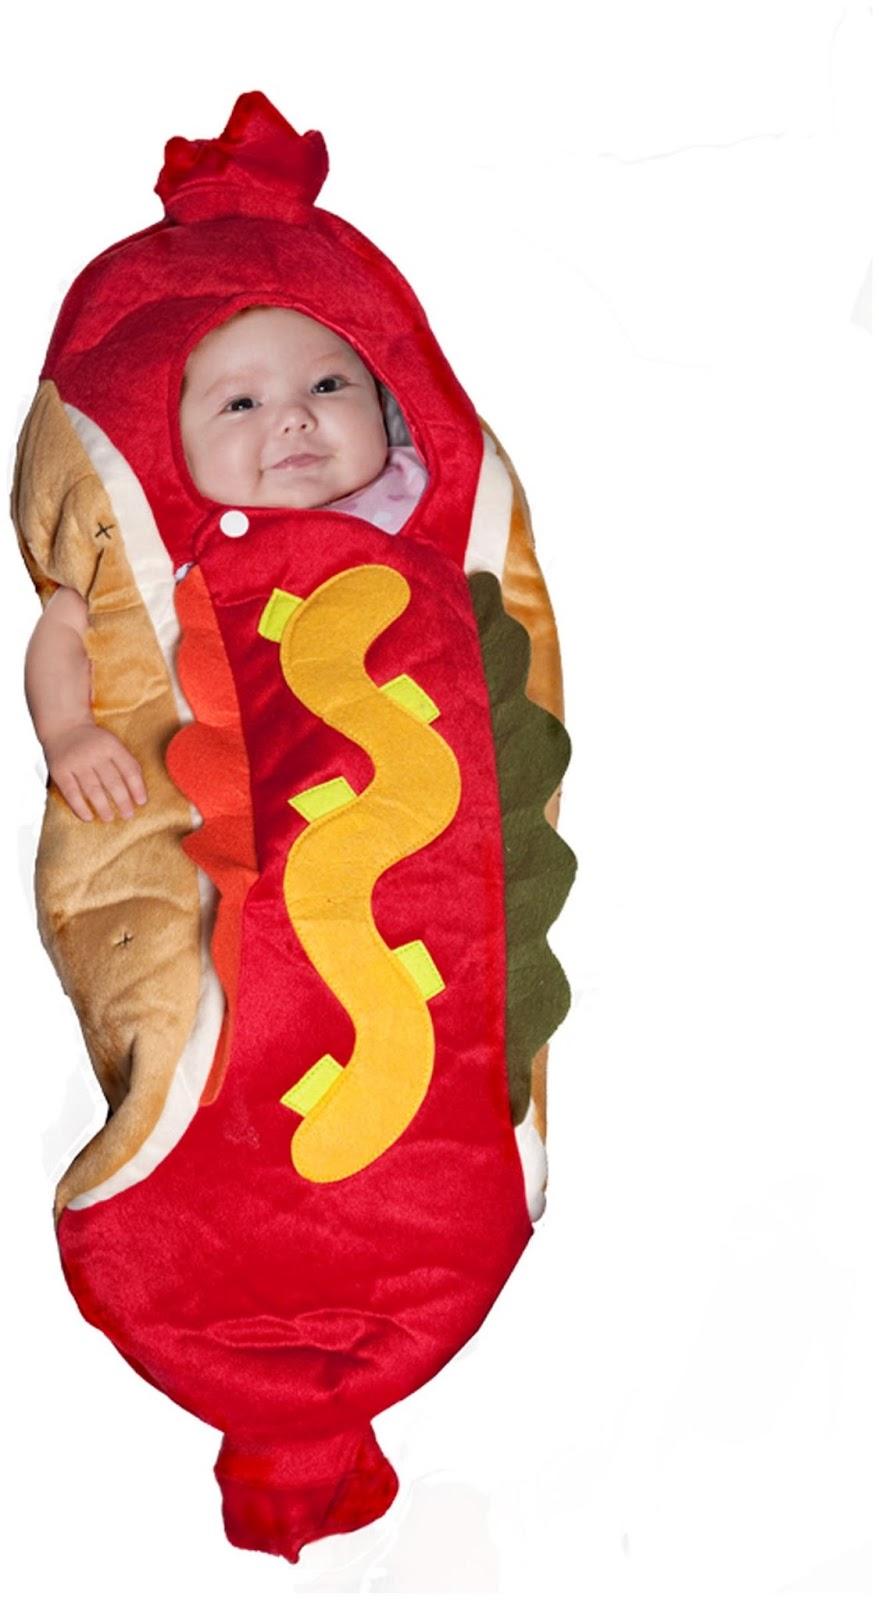 Hotdog_Bunting_Costume